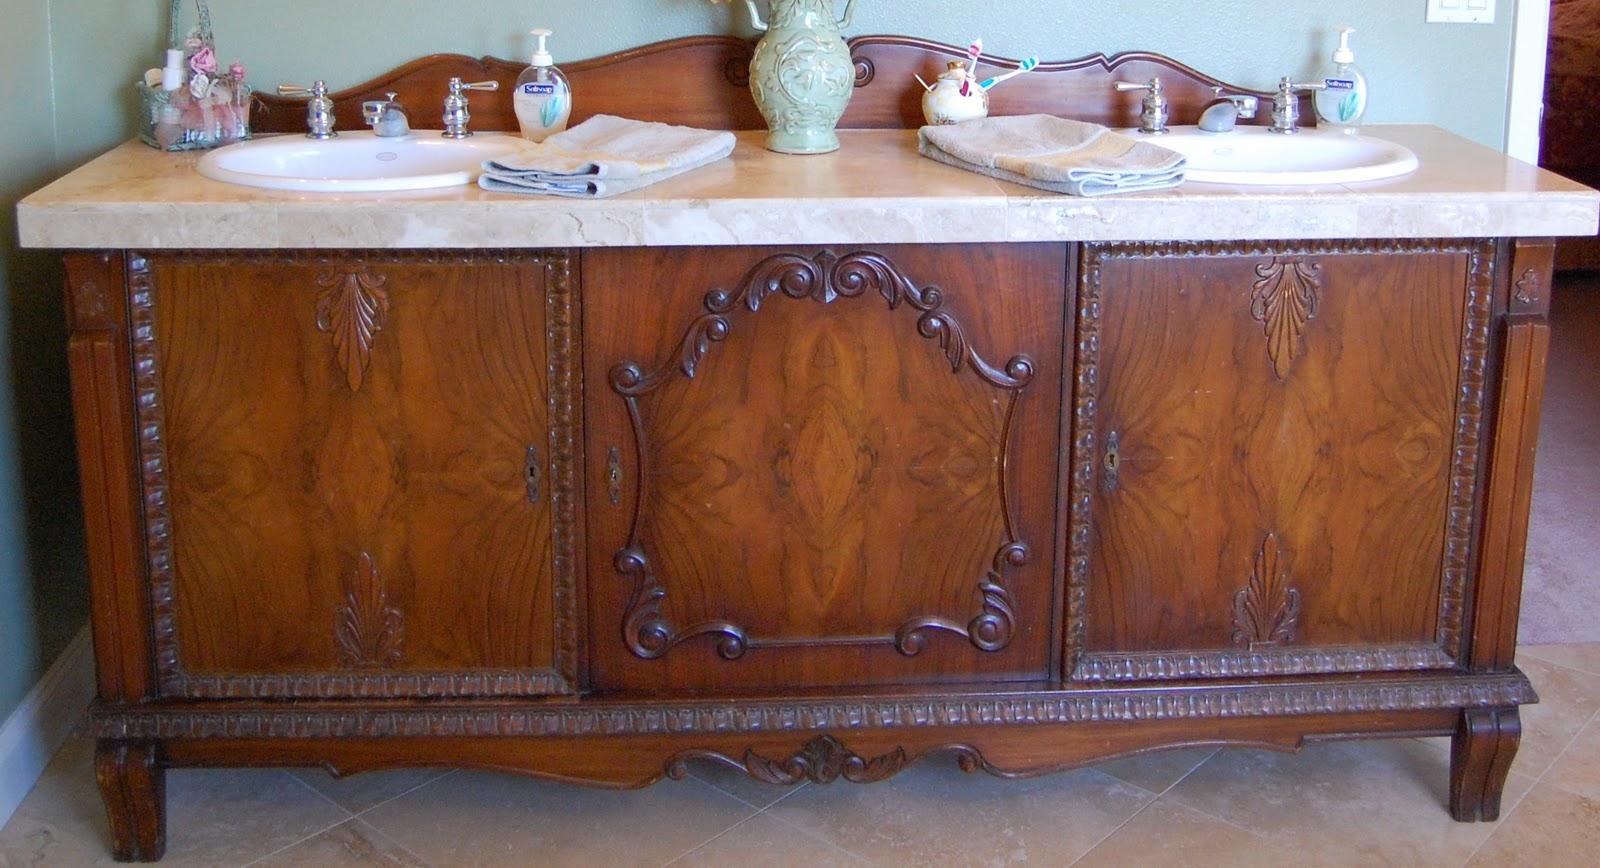 saltbox treasures Sideboard to Sink Vanity Makeover